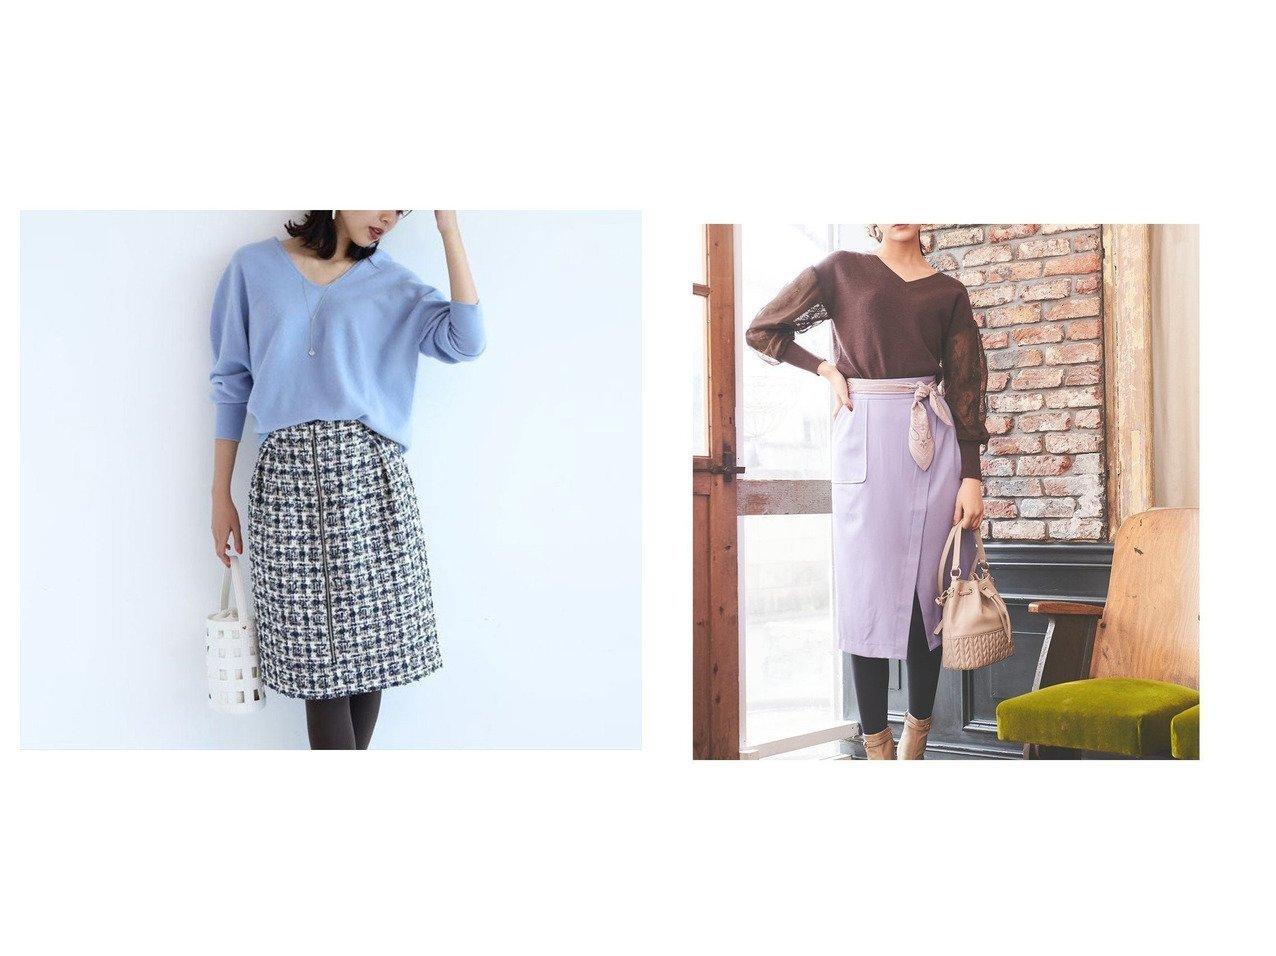 【31 Sons de mode/トランテアン ソン ドゥ モード】の【スカート】スカーフ付きタイトスカート&【JUSGLITTY/ジャスグリッティー】のツイードタイトスカート スカートのおすすめ!人気、レディースファッションの通販 おすすめで人気のファッション通販商品 インテリア・家具・キッズファッション・メンズファッション・レディースファッション・服の通販 founy(ファニー) https://founy.com/ ファッション Fashion レディース WOMEN スカート Skirt スカーフ |ID:crp329100000001504